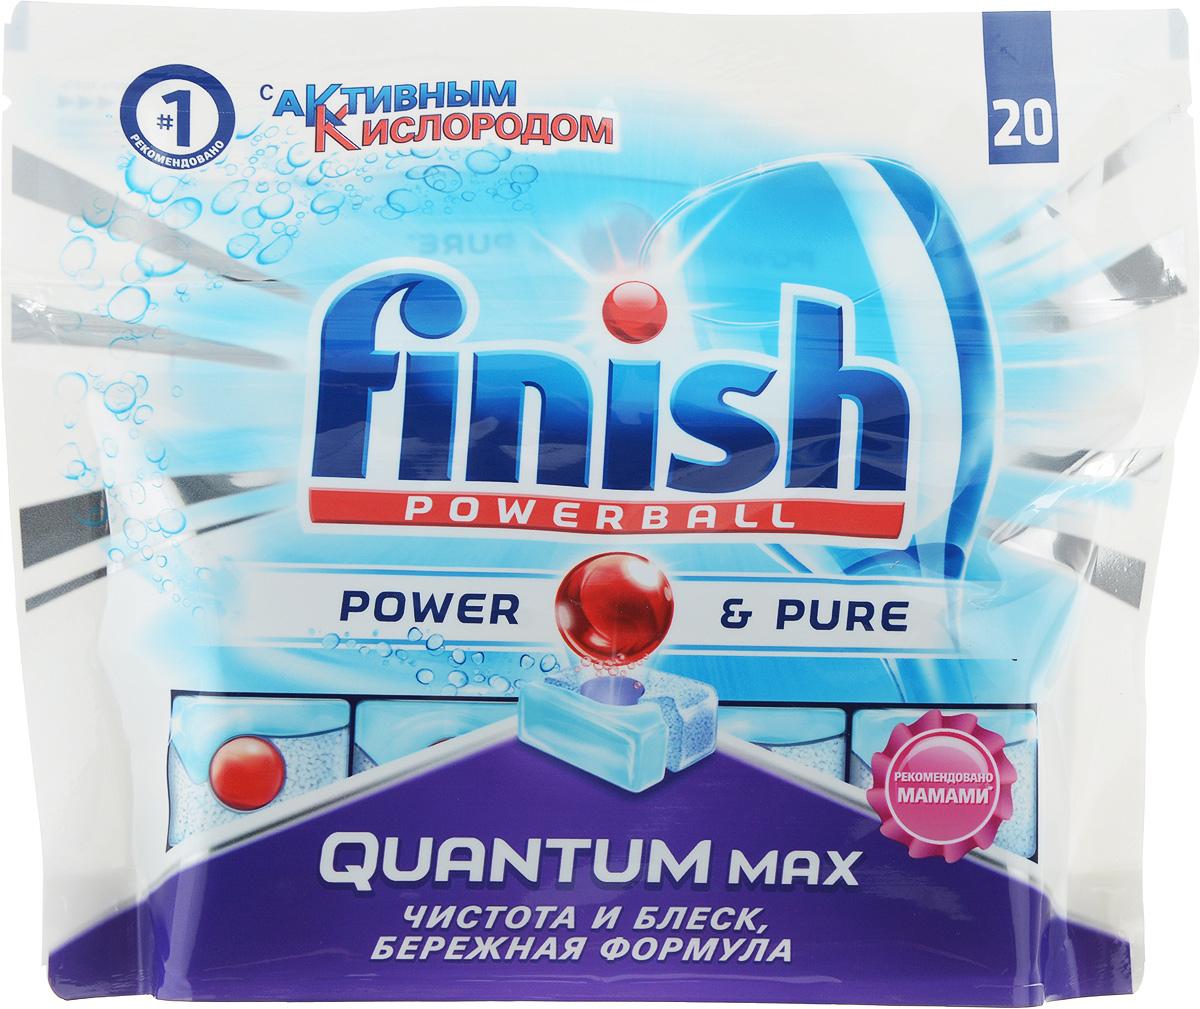 Таблетки для посудомоечной машины Finish Quantum Powerball Power&Pure, 20 шт8168799Таблетки Finish Quantum Powerball Power&Pure - высокоэффективное средство для расщепления сложных пищевых загрязнений. Это великолепное сияние и чистота всей вашей посуды. Уникальный красный шар Powerball обладает моментальным действием, размягчая засохшие остатки пищи на посуде, а активные моющие компоненты вымывают частицы загрязнения и удаляют любые пятна. Растворяясь, таблетка формирует пузырьки, которые доставляют активные реагенты для глубокого очищения посуды в места загрязнений. Функций таблеток: - удаляют сложные загрязнения, - функция смягчения воды, - функция ополаскивания для блеска посуды, - удаляют чайный налет, - эффективное расщепление жира, - предотвращение образования накипи. Состав: - 5% или более, но менее15% кислородсодержащий отбеливатель, неионогенные ПАВ; - менее 5% поликарбоксилаты, фосфонаты, энзимы, ароматизатор. Товар сертифицирован.